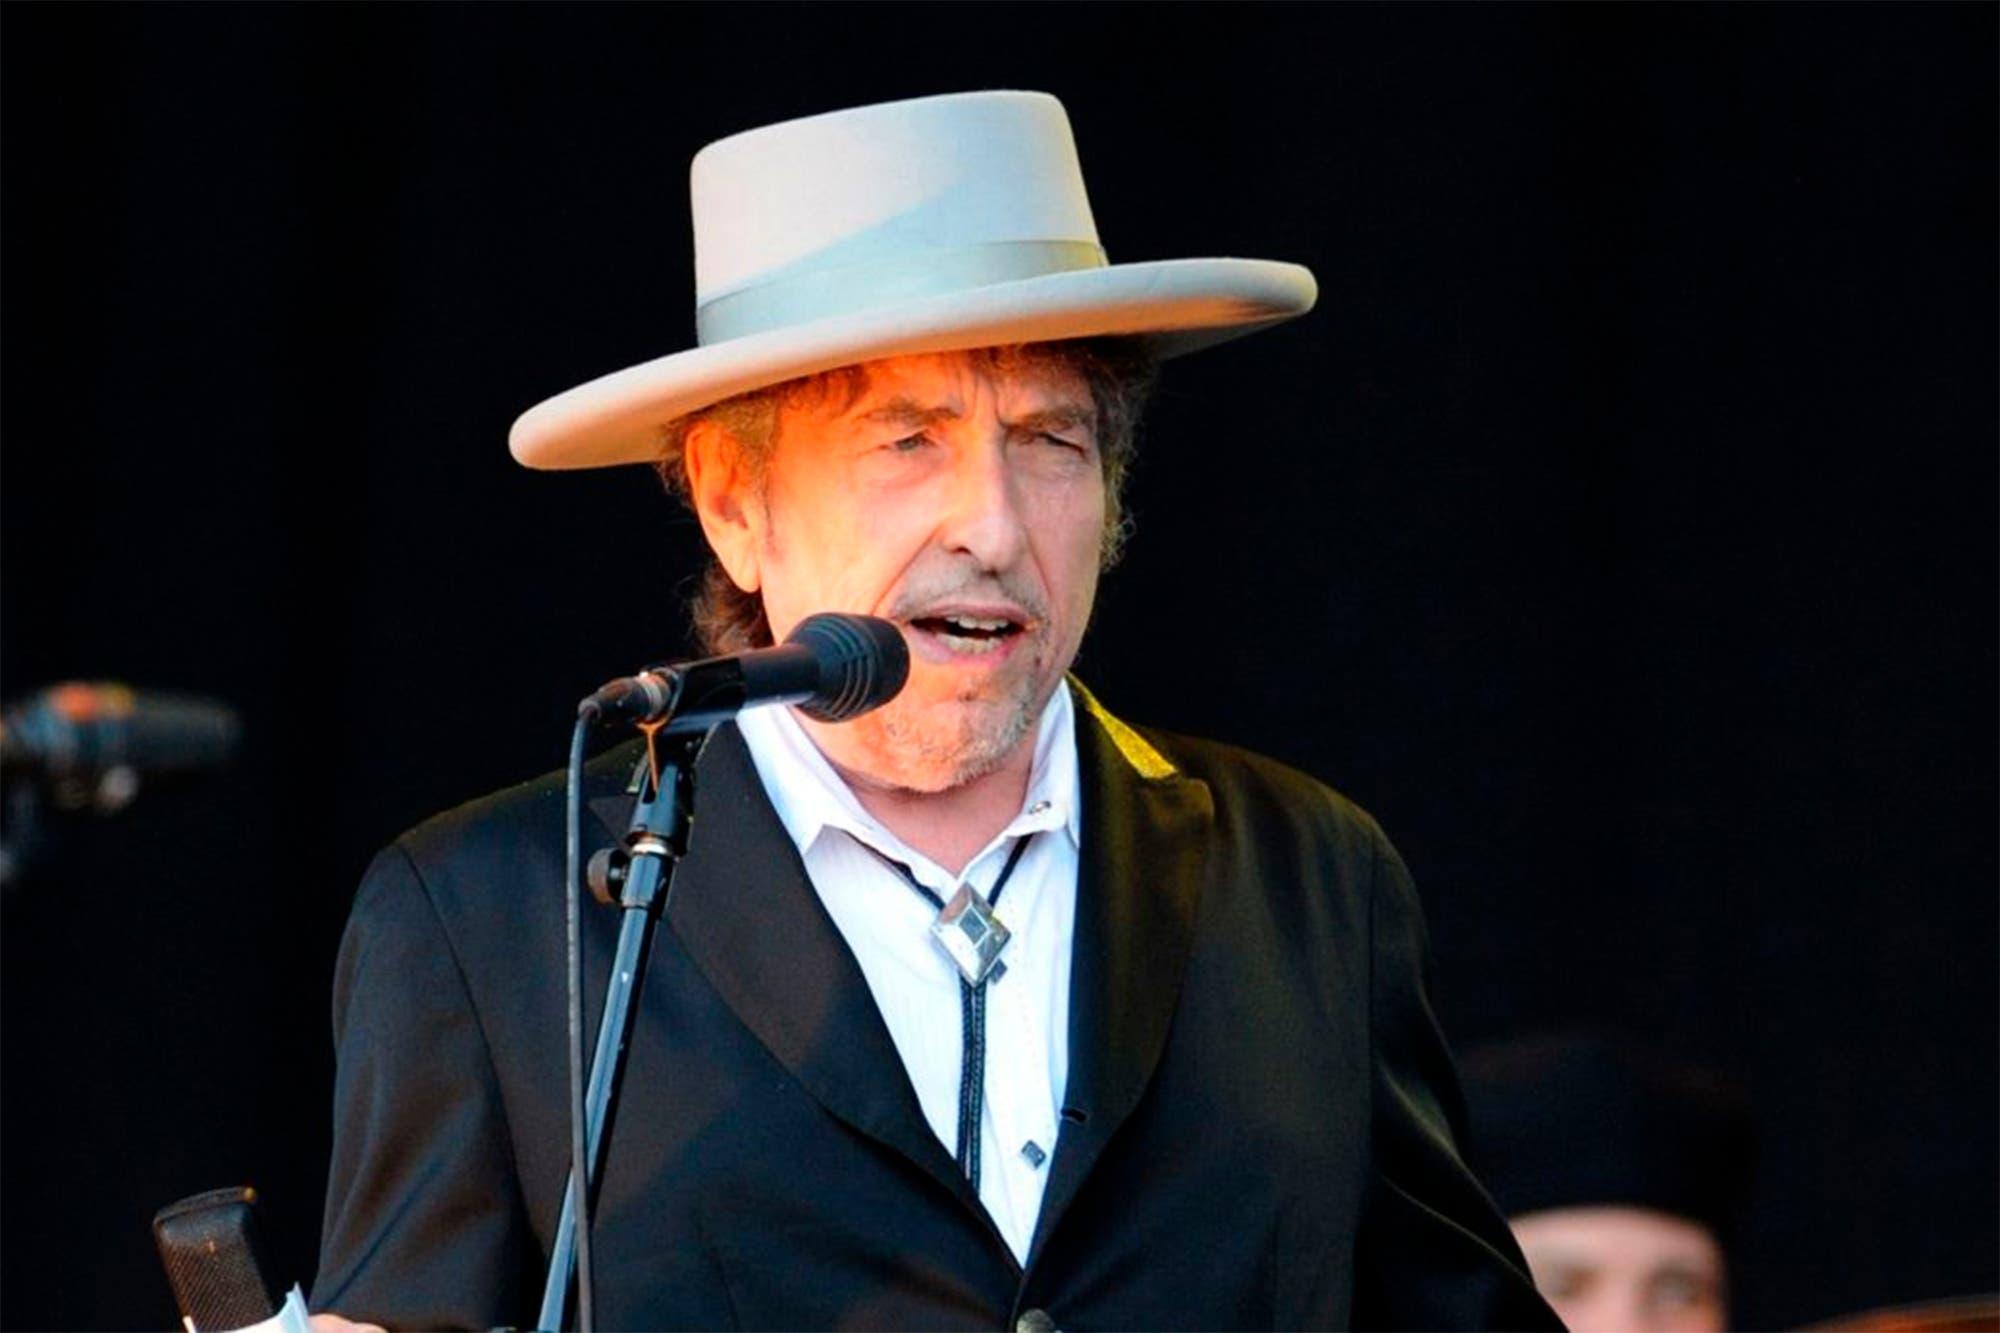 bob-dylan-vende-su-catalogo-entero-de-600-canciones-a-universal-music-por-300-millones-de-dolares